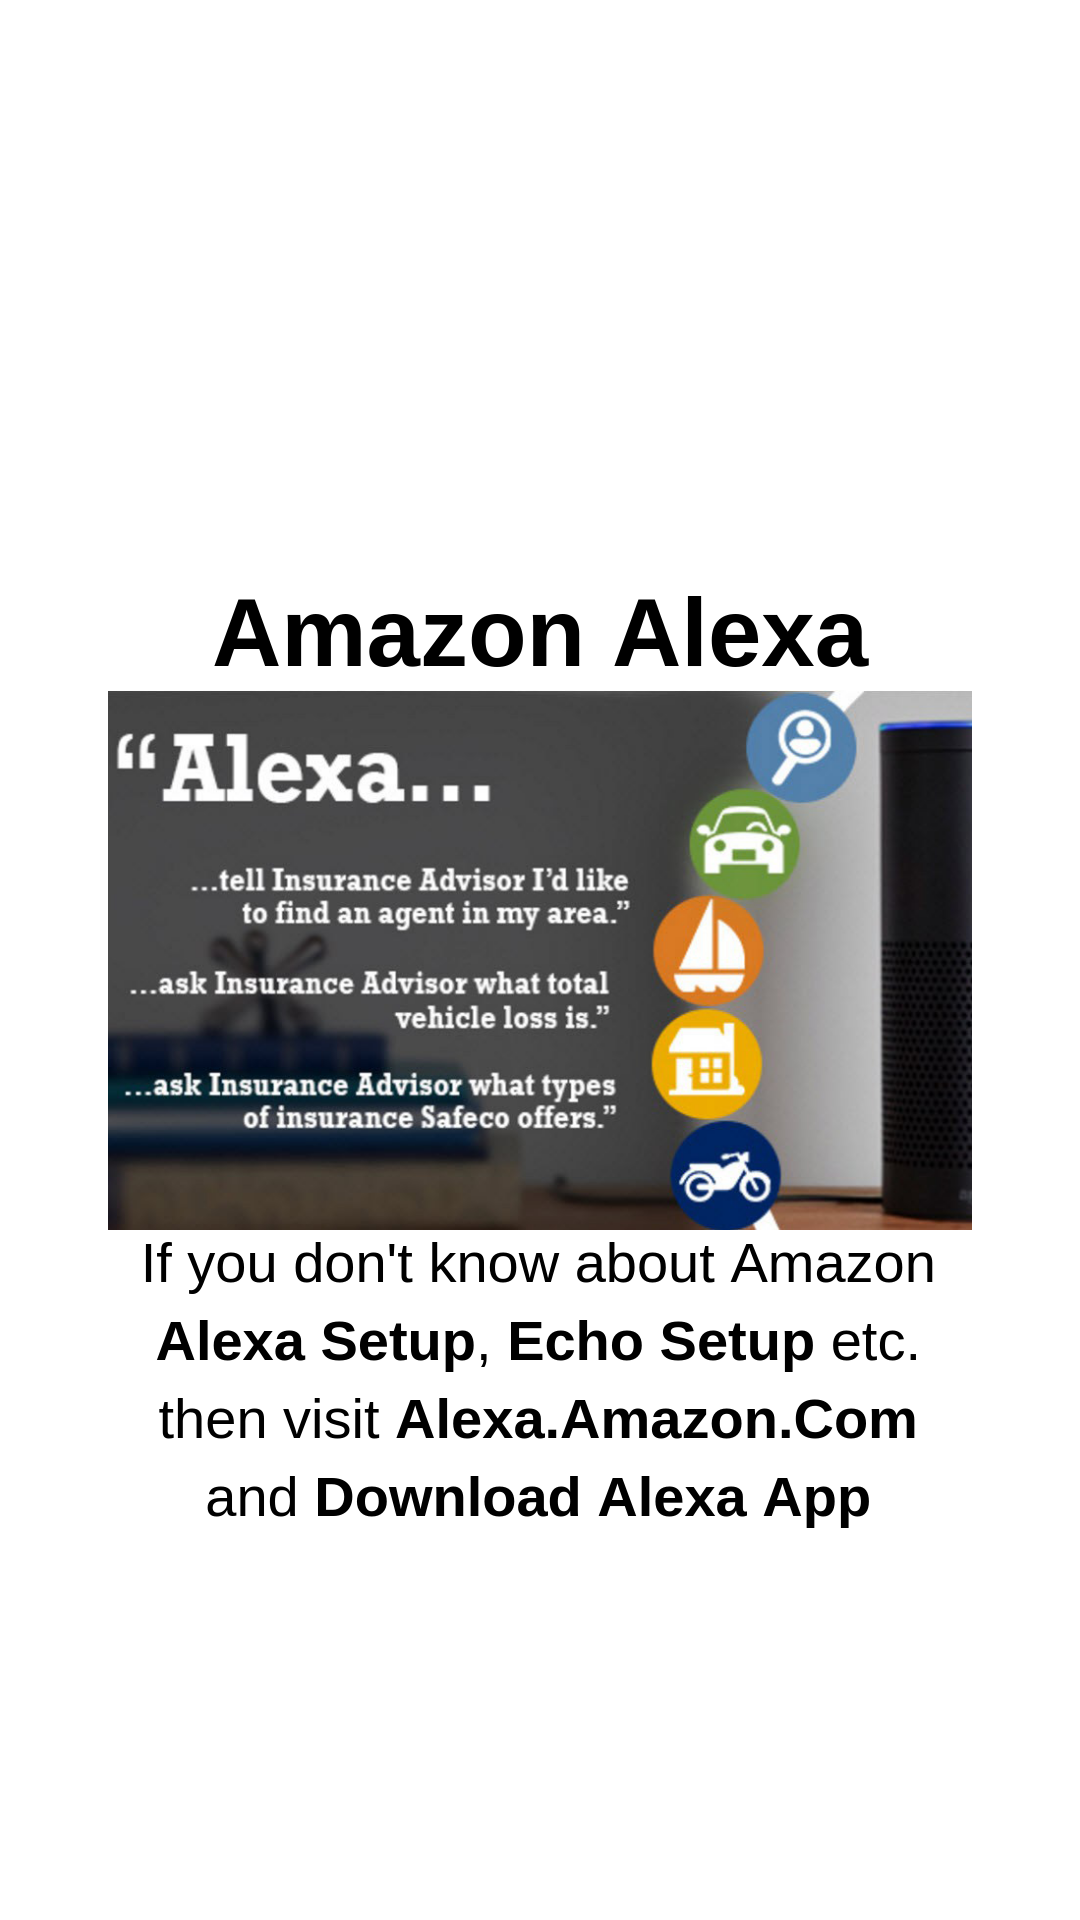 Amazon Alexa App Alexa app, Download alexa app, Alexa setup